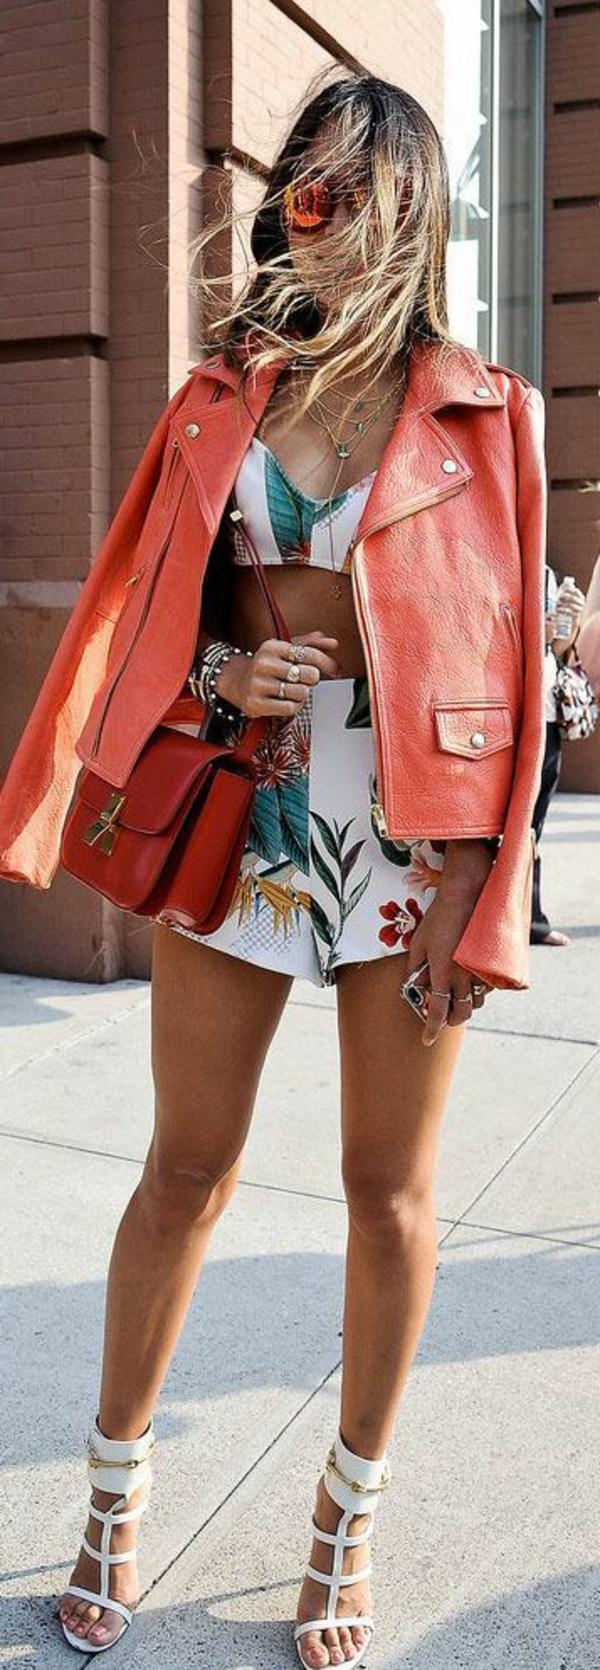 veste-corail-en-cuir-un-outfit-coloré-d'été